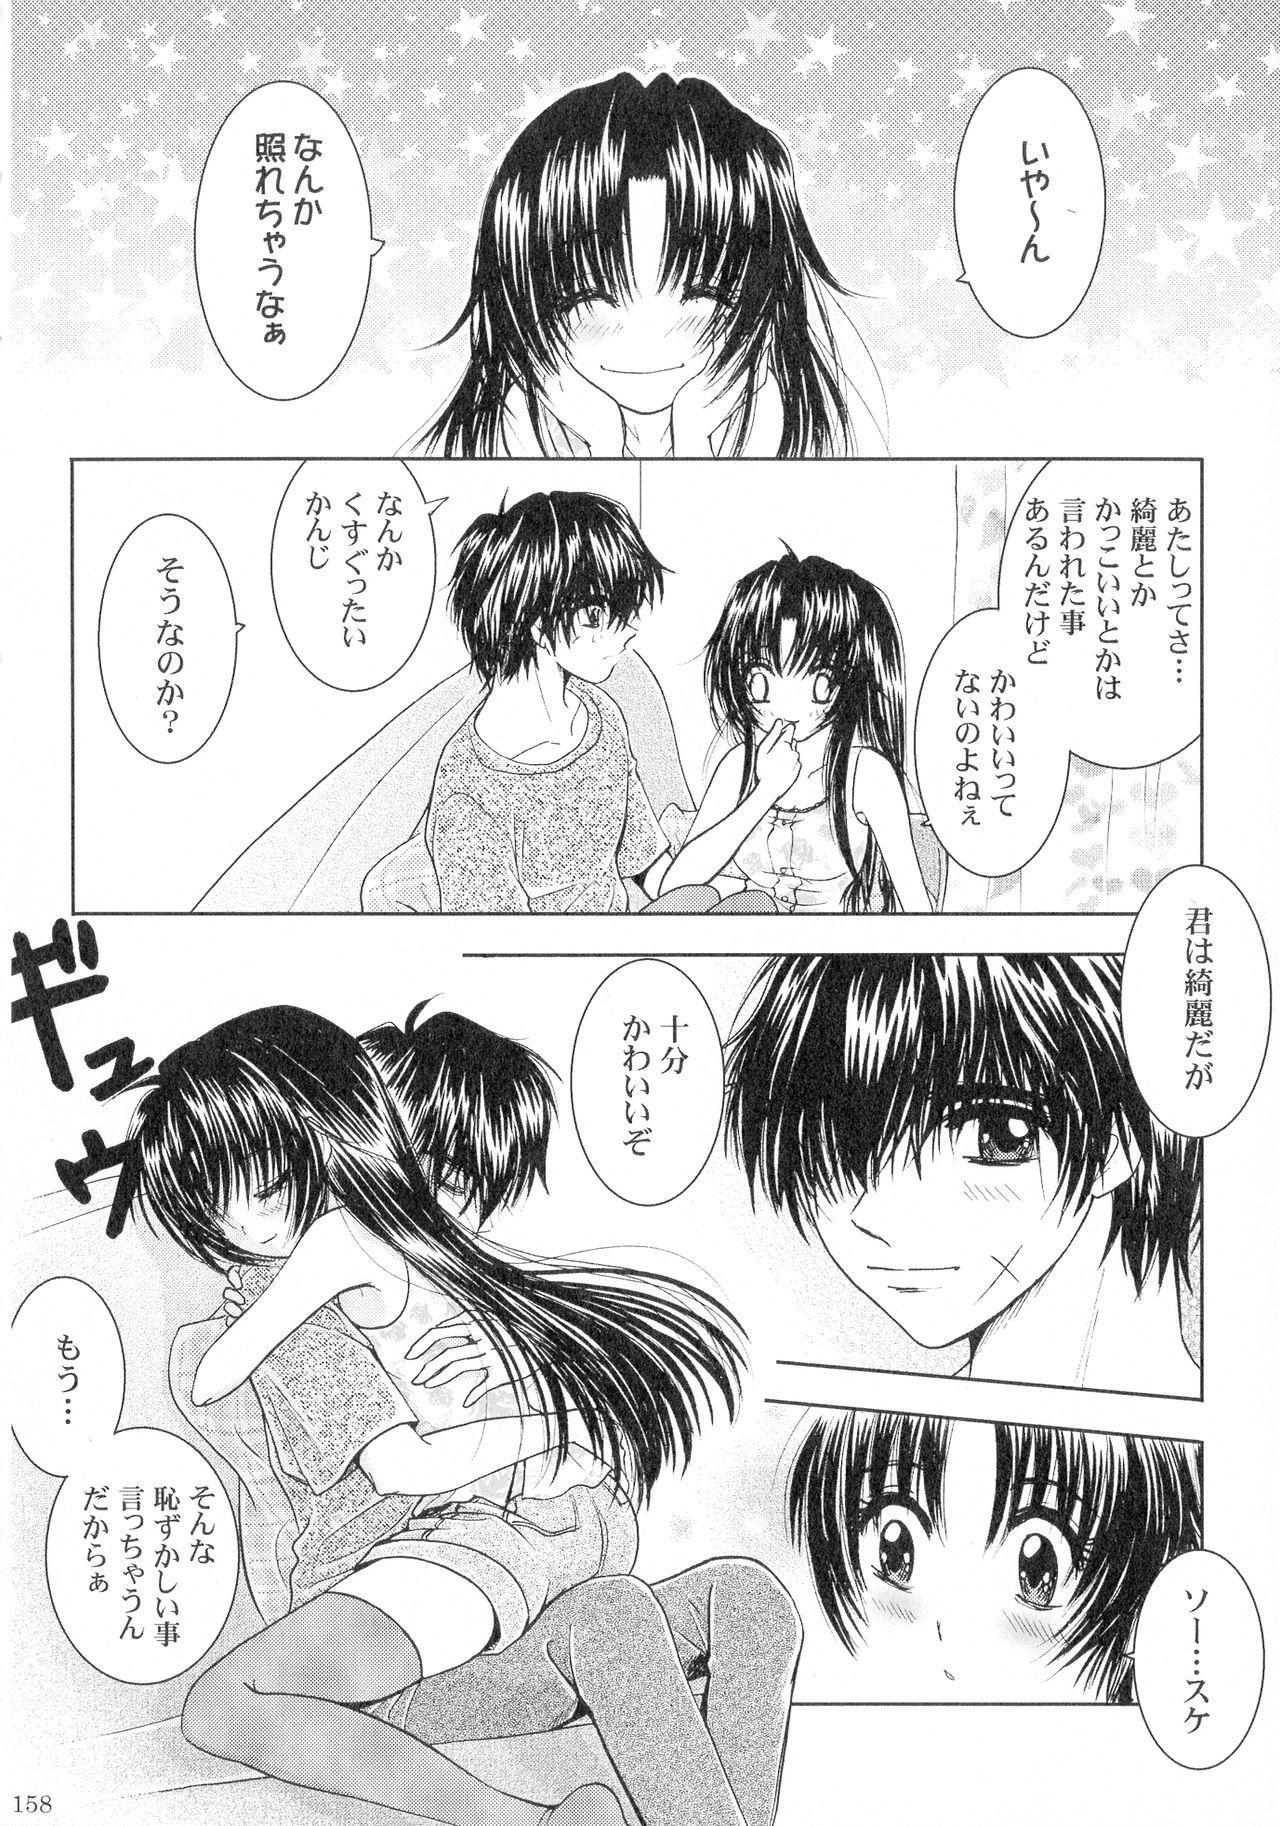 SEXY PANIC Sairoku-shuu VOL.3 156